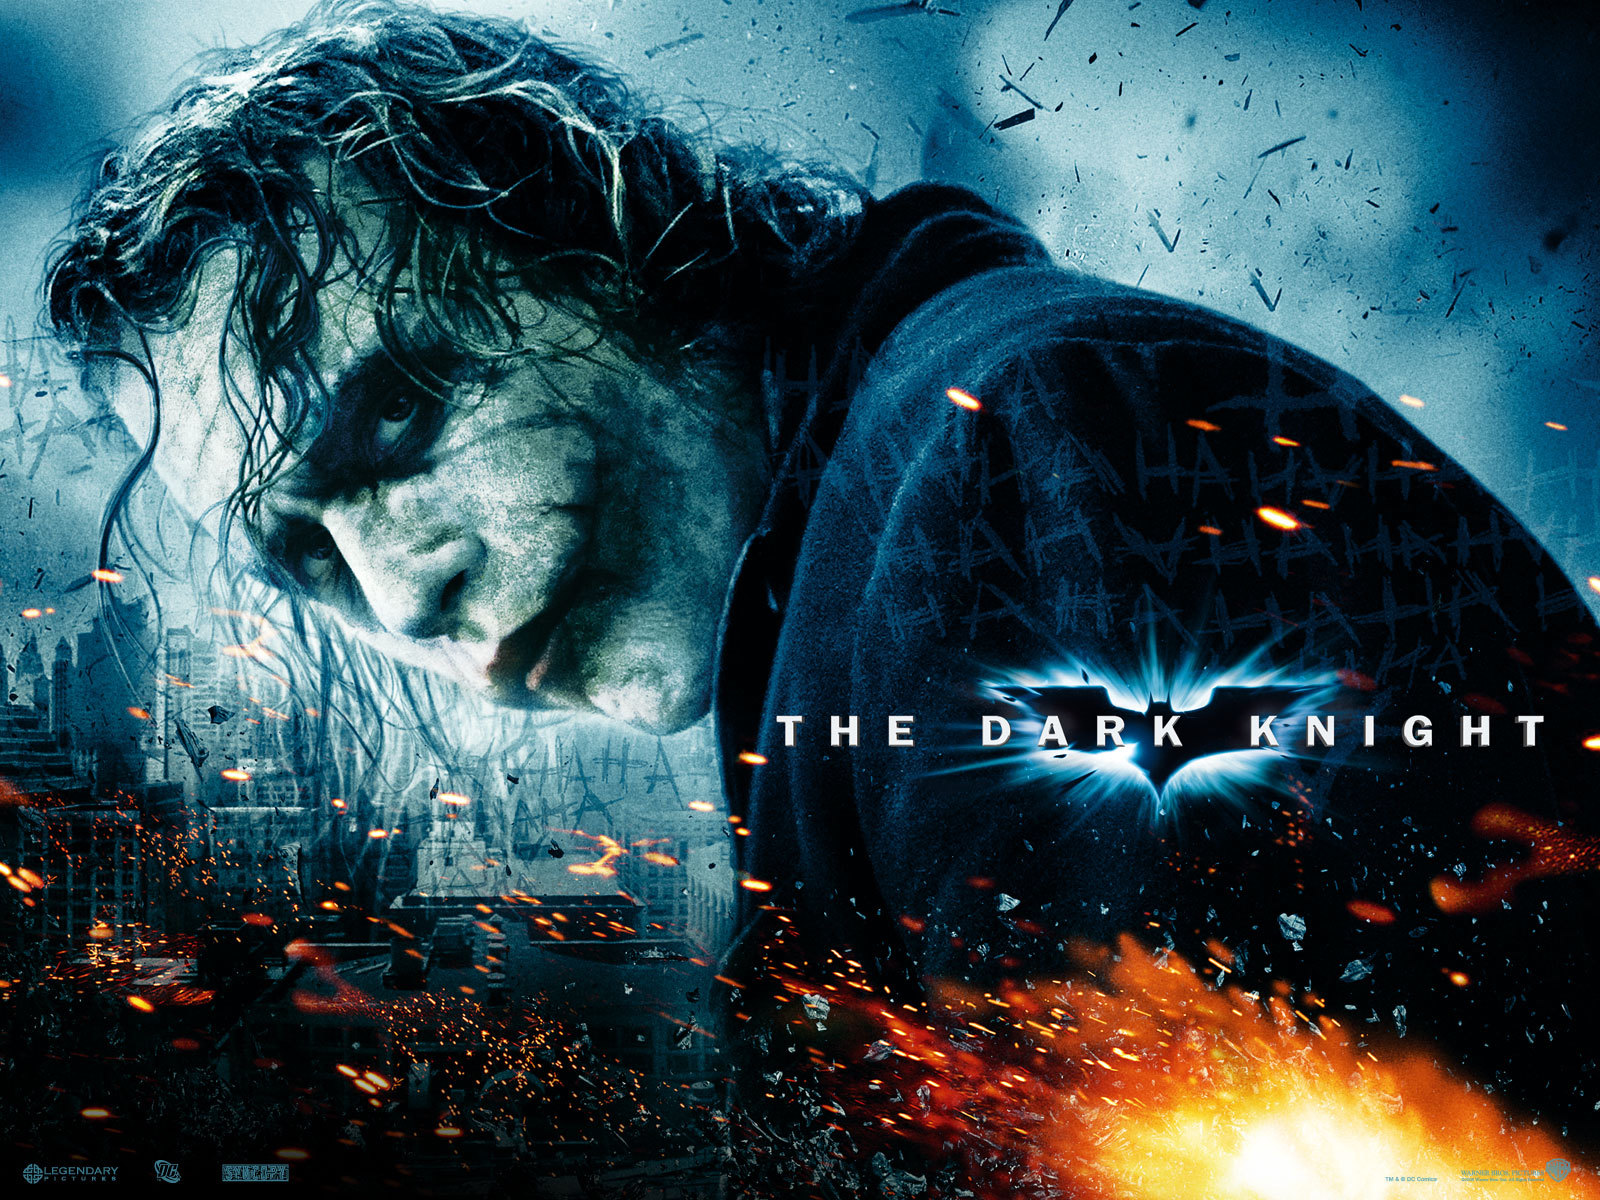 2143 Hintergrundbild herunterladen Kino, Schauspieler, Männer, Batman, Dark Knight - Bildschirmschoner und Bilder kostenlos